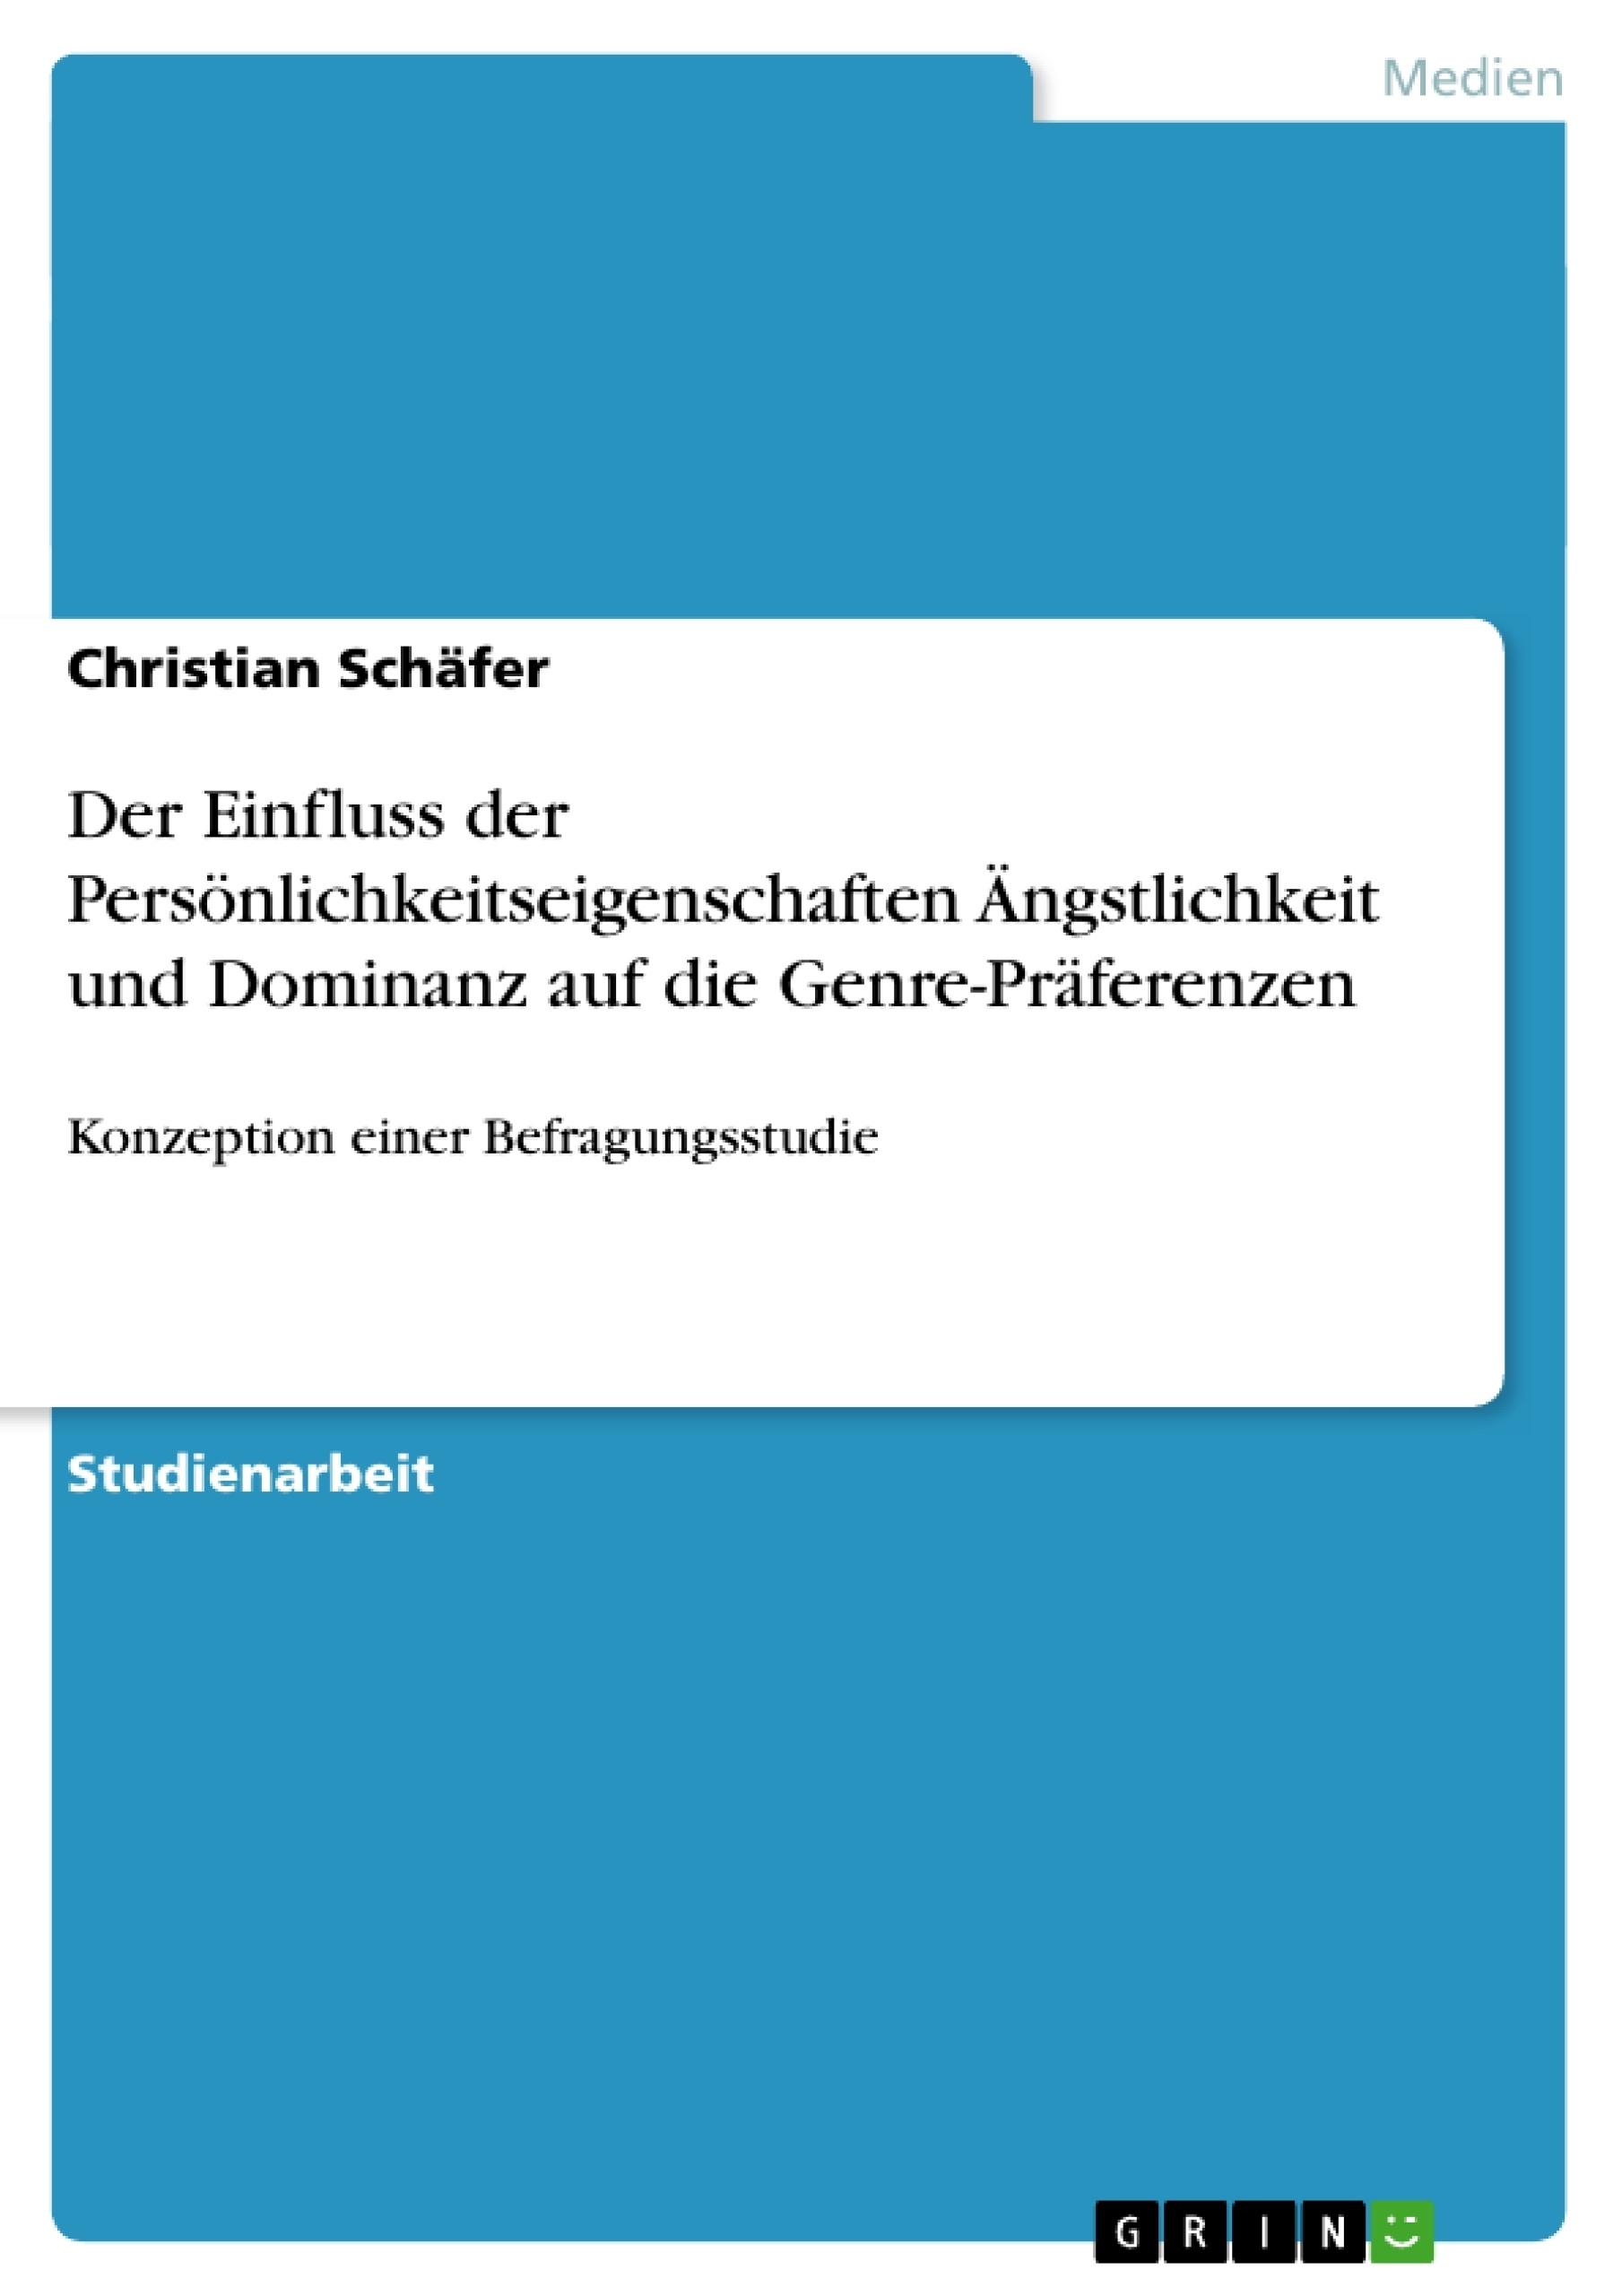 Titel: Der Einfluss der Persönlichkeitseigenschaften Ängstlichkeit und Dominanz auf die Genre-Präferenzen